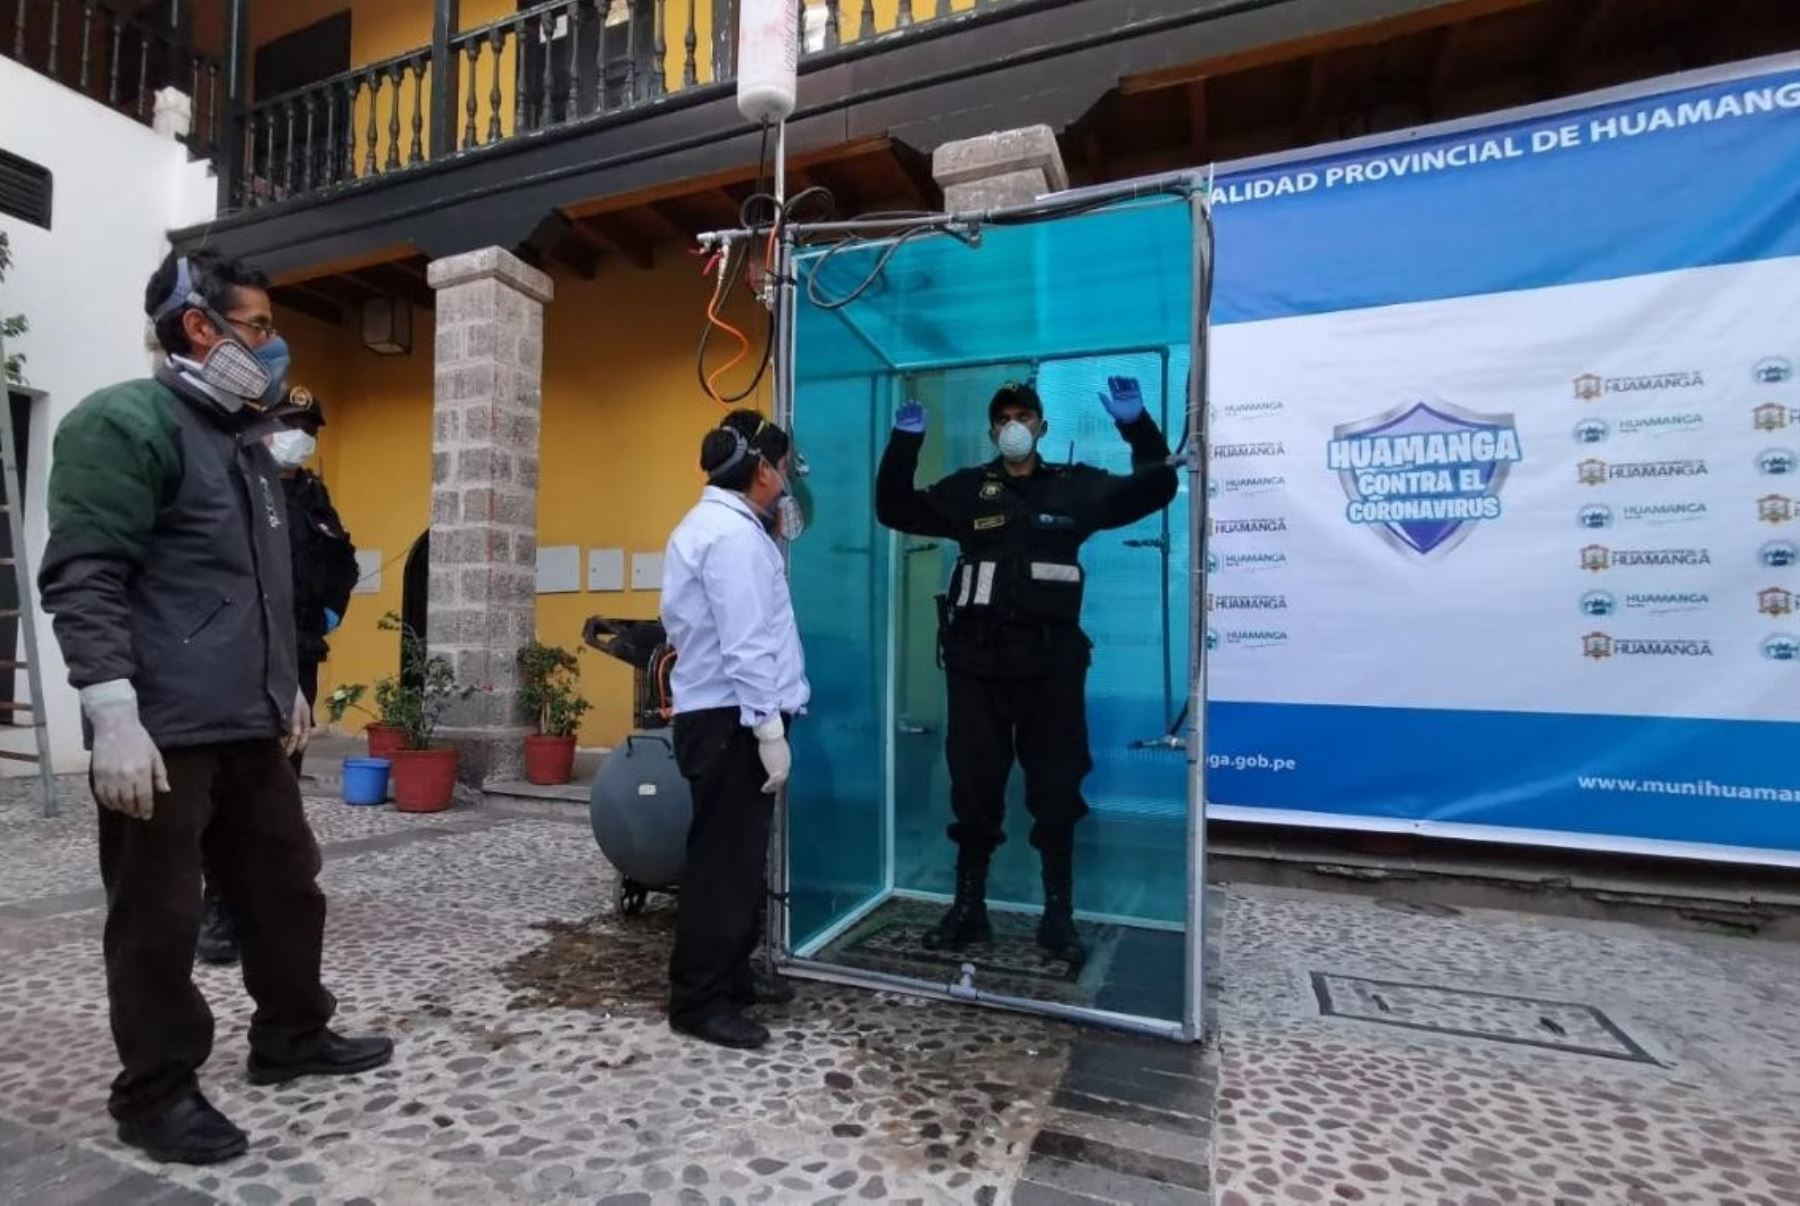 La Municipalidad de Huamanga instalará cámaras de desinfección en mercados, comisarías, bancos, hospitales y otros lugares de la ciudad. ANDINA/Difusión